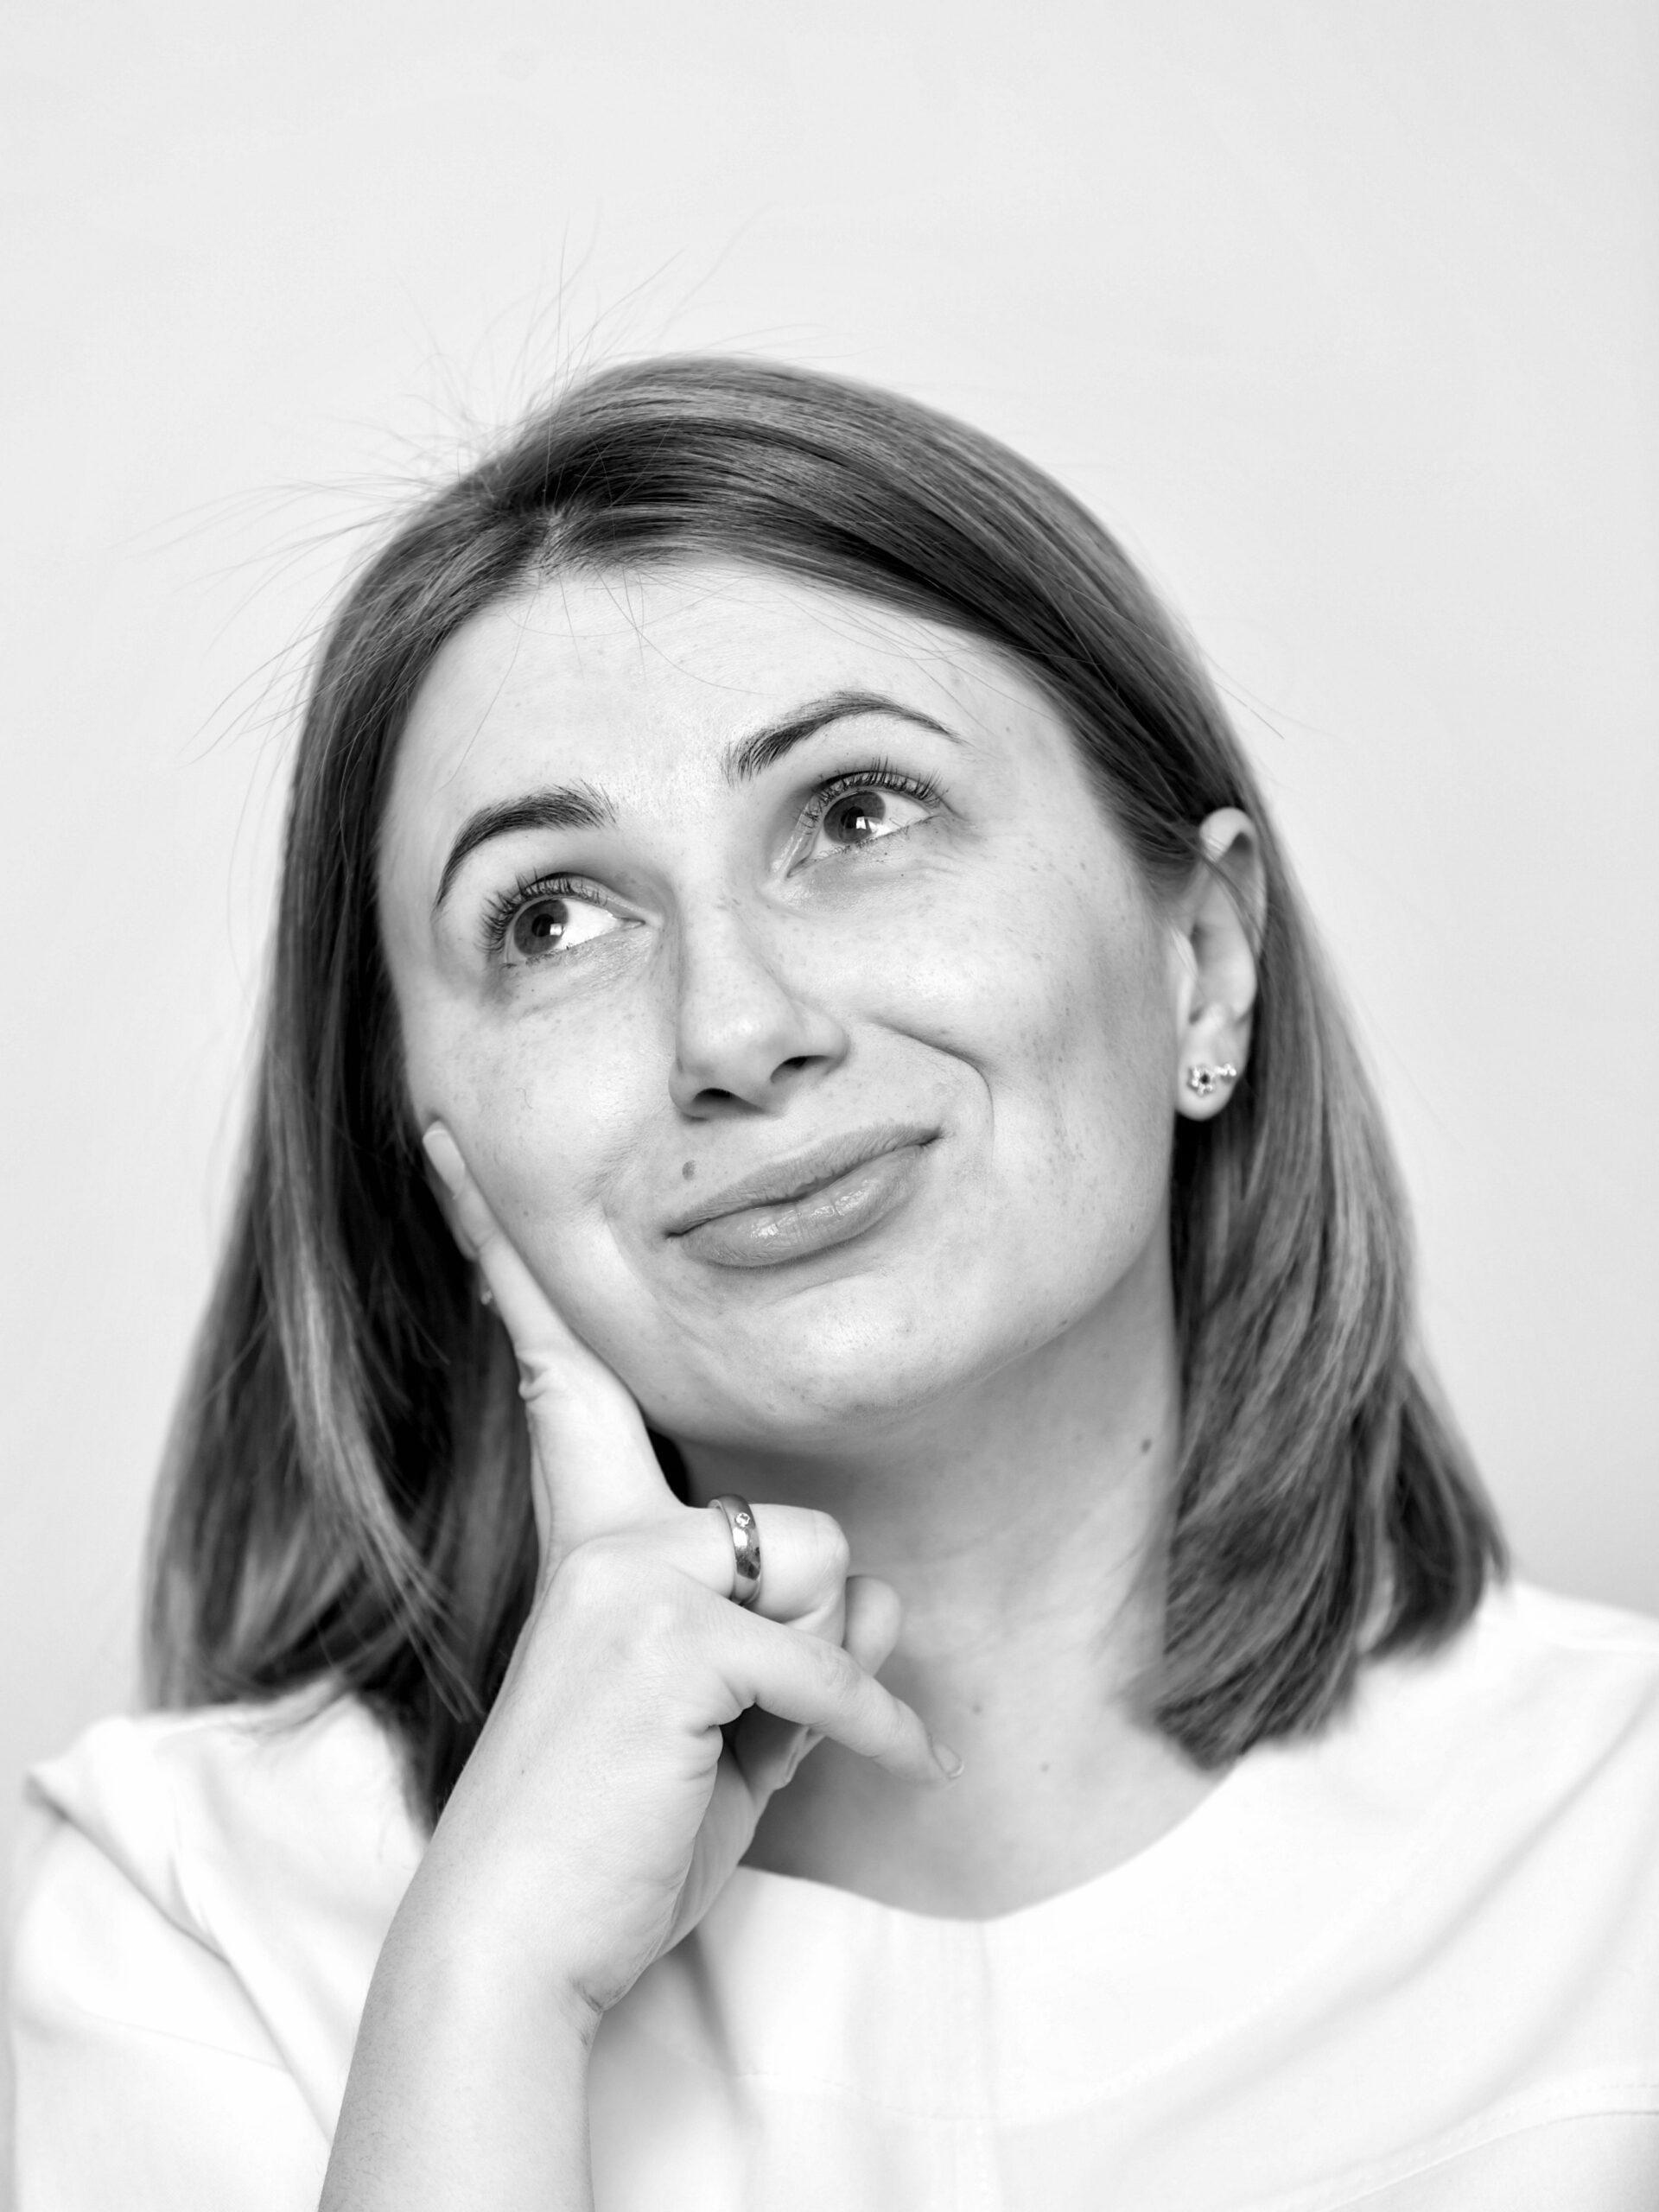 Викович-Вдовенко Татьяна